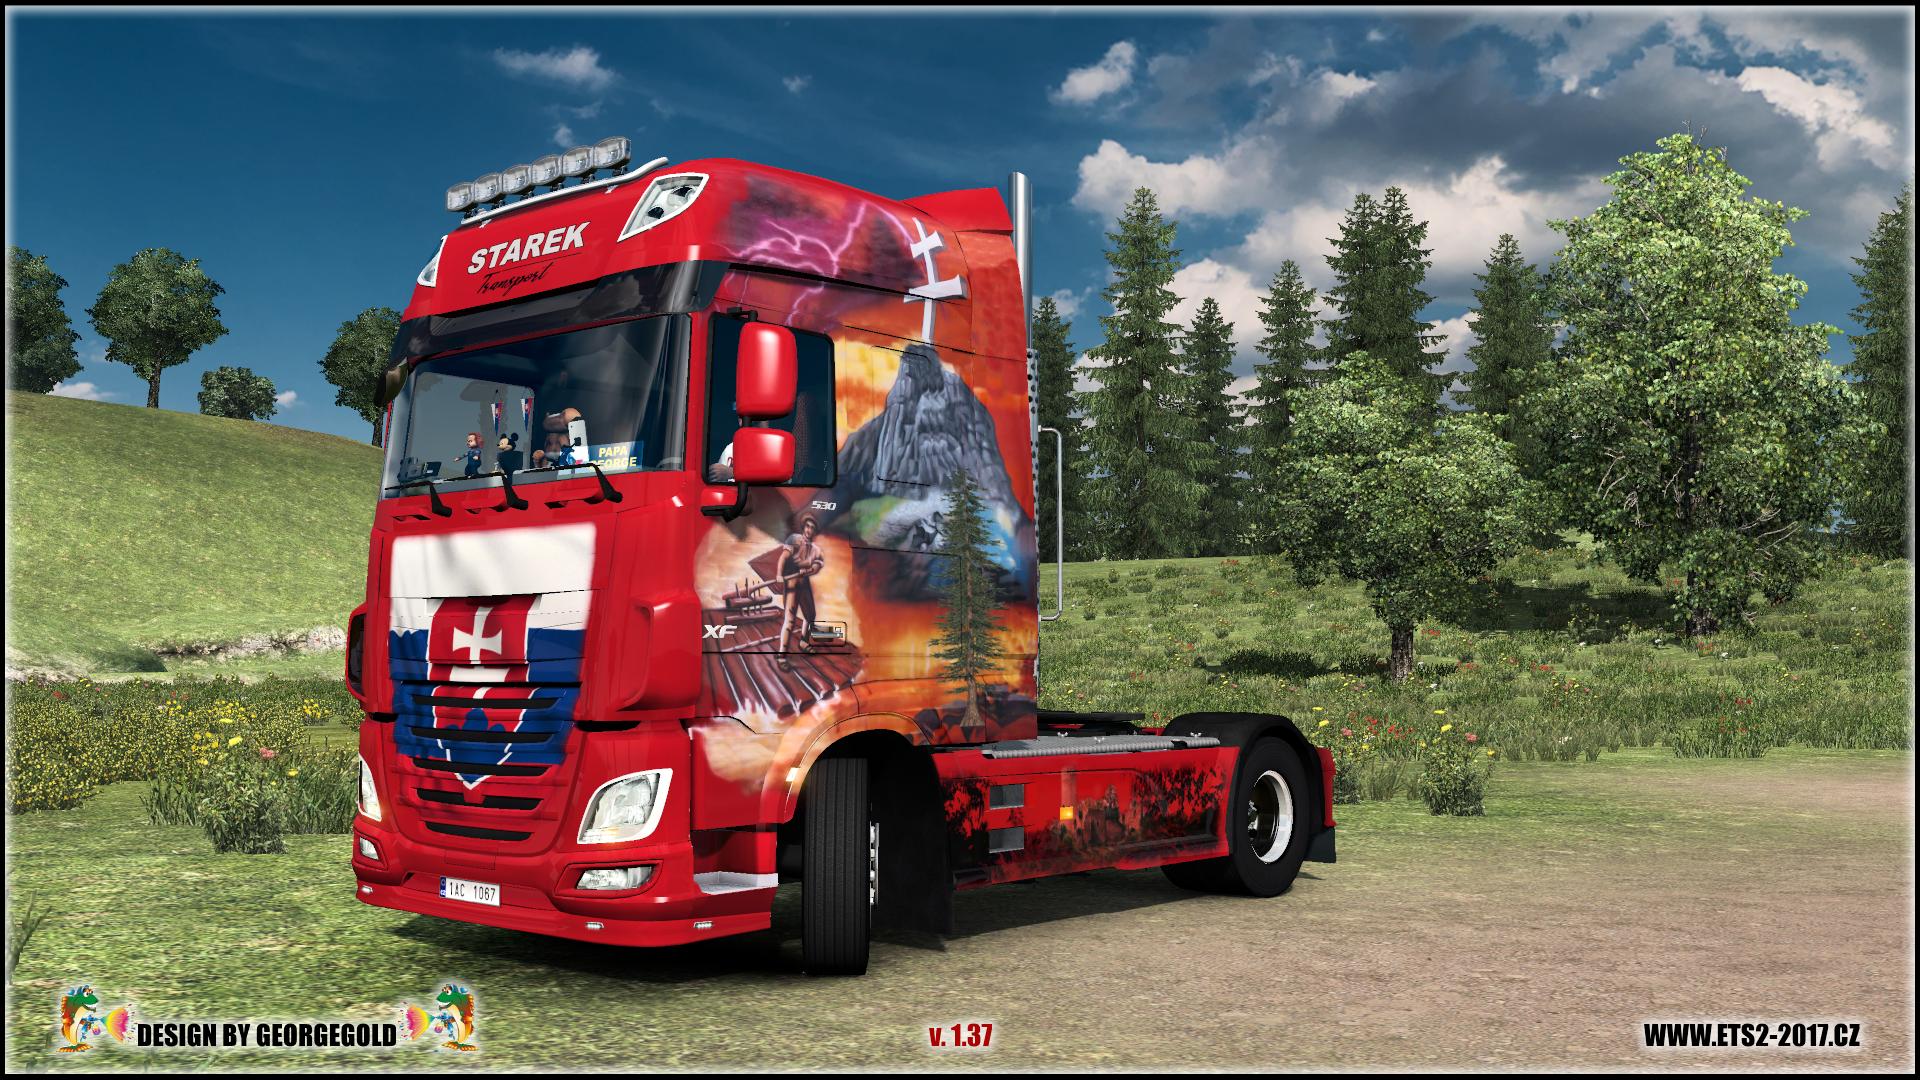 DAF Euro6 Starek Transport